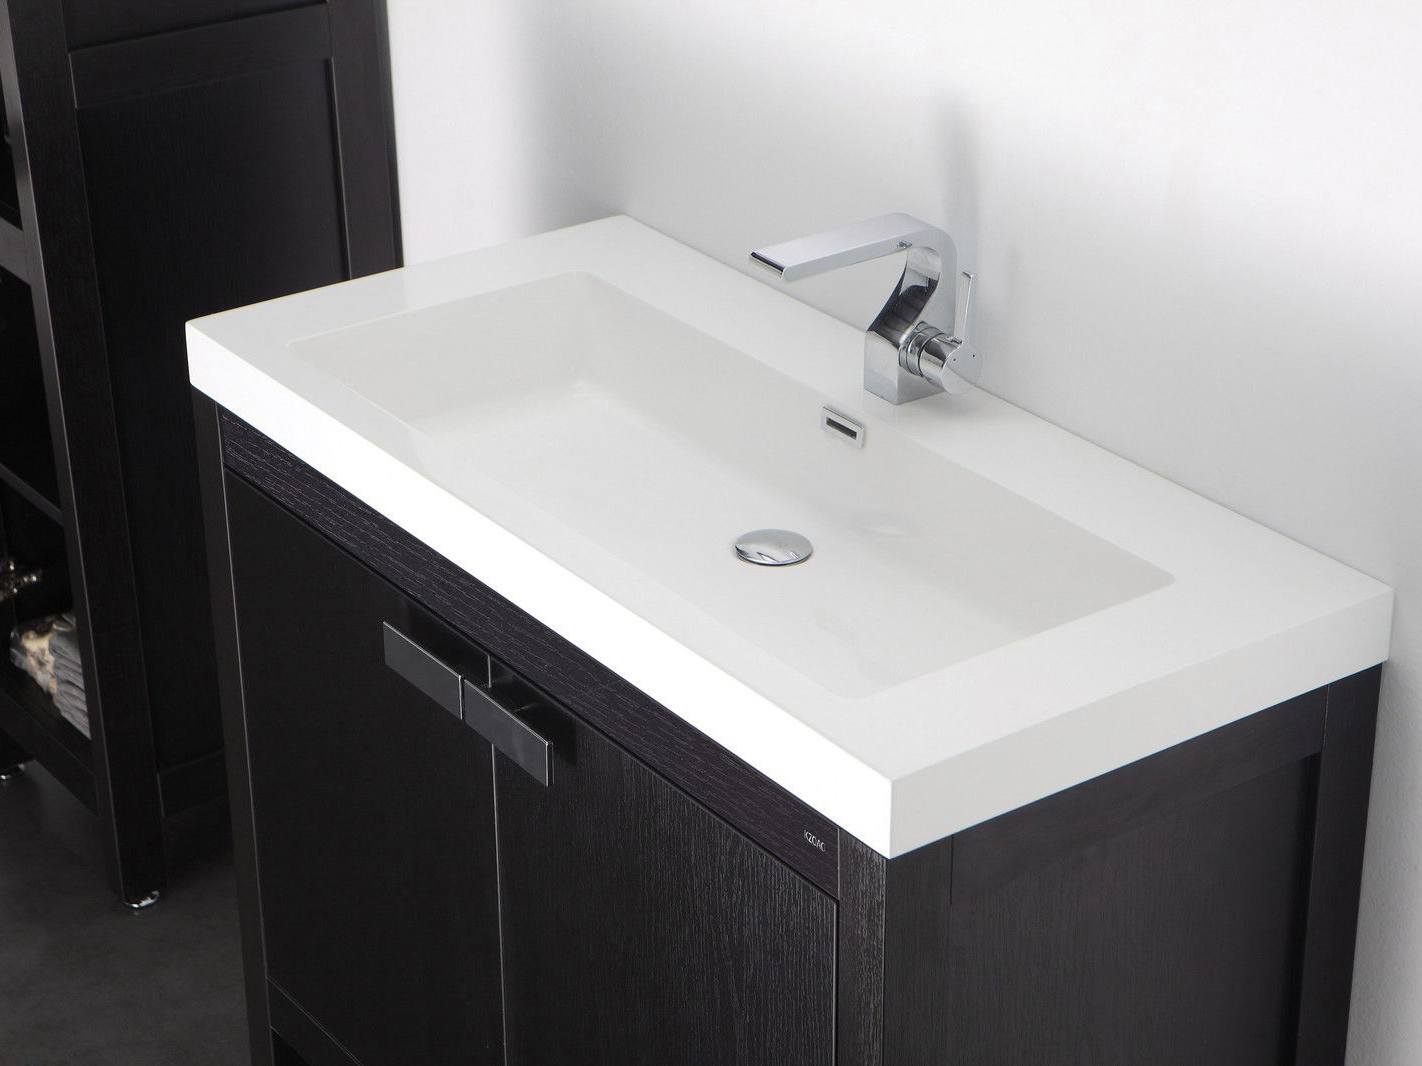 barcelona waschtisch-set 100 cm eiche schwarz badewelt badezimmer, Badezimmer ideen